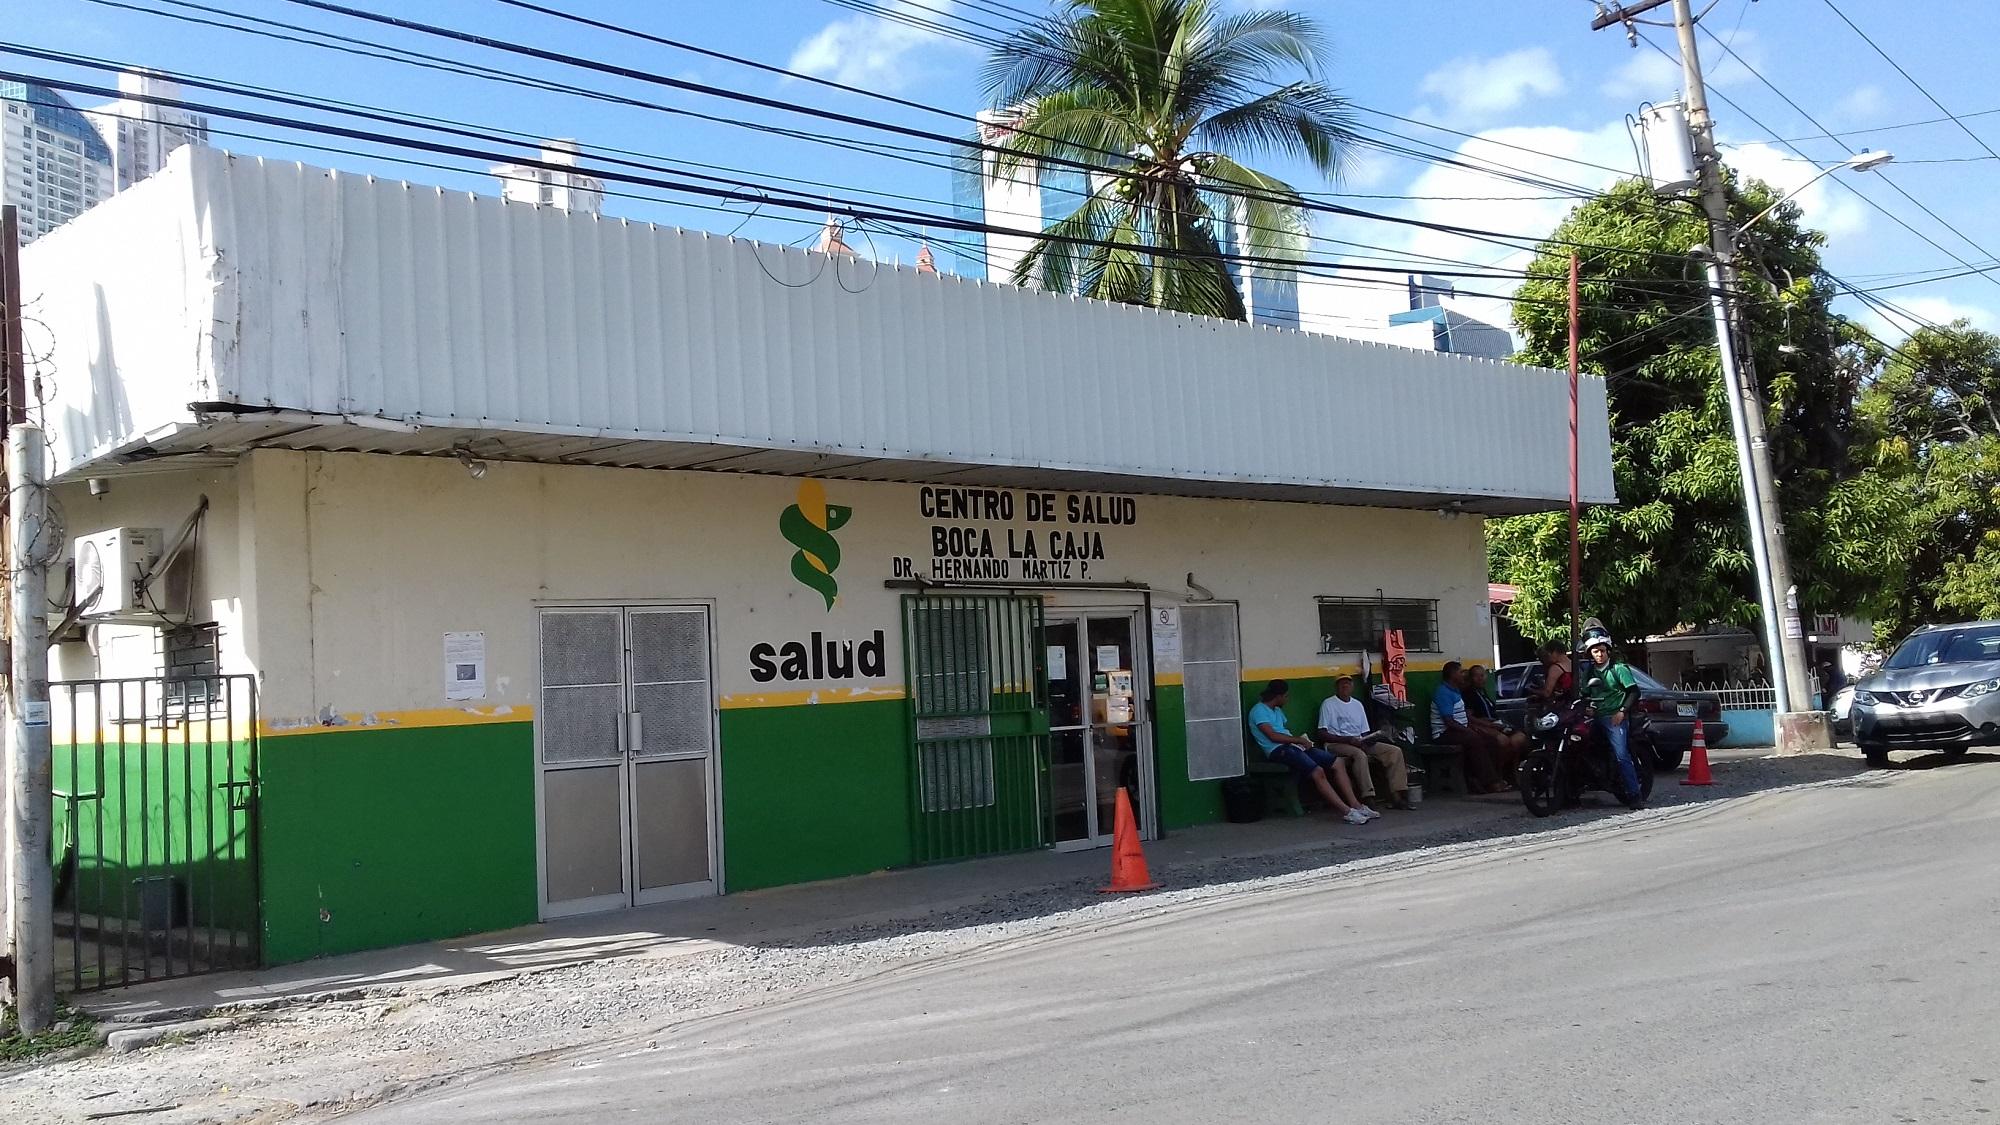 El Centro de Salud Dr. Hernando Martiz Pujol en Boca La Caja